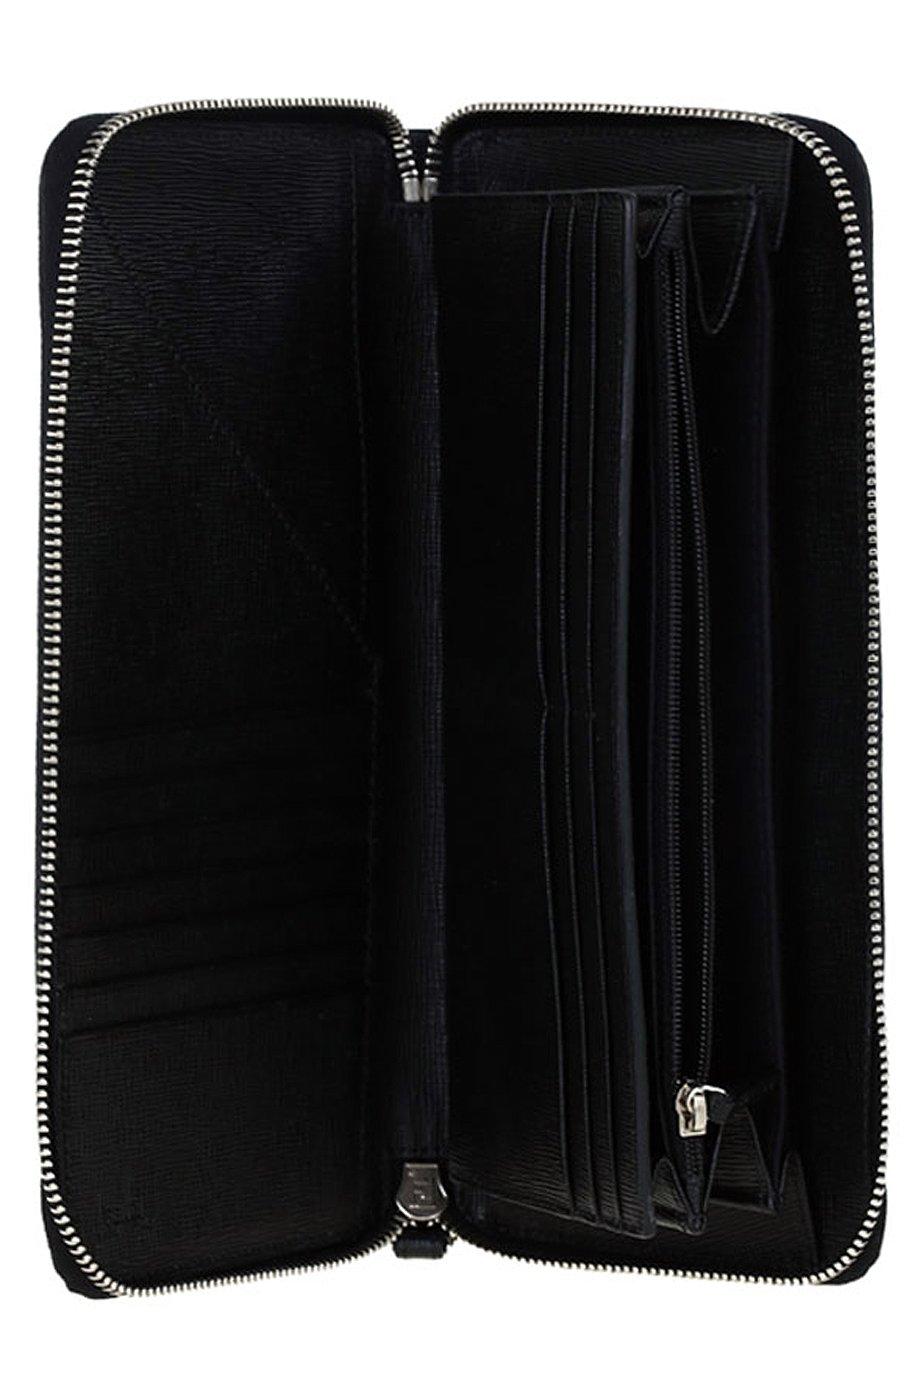 FENDI Men's Black Gray Zucca FF Zip Around Bifold Travel Wallet by Fendi